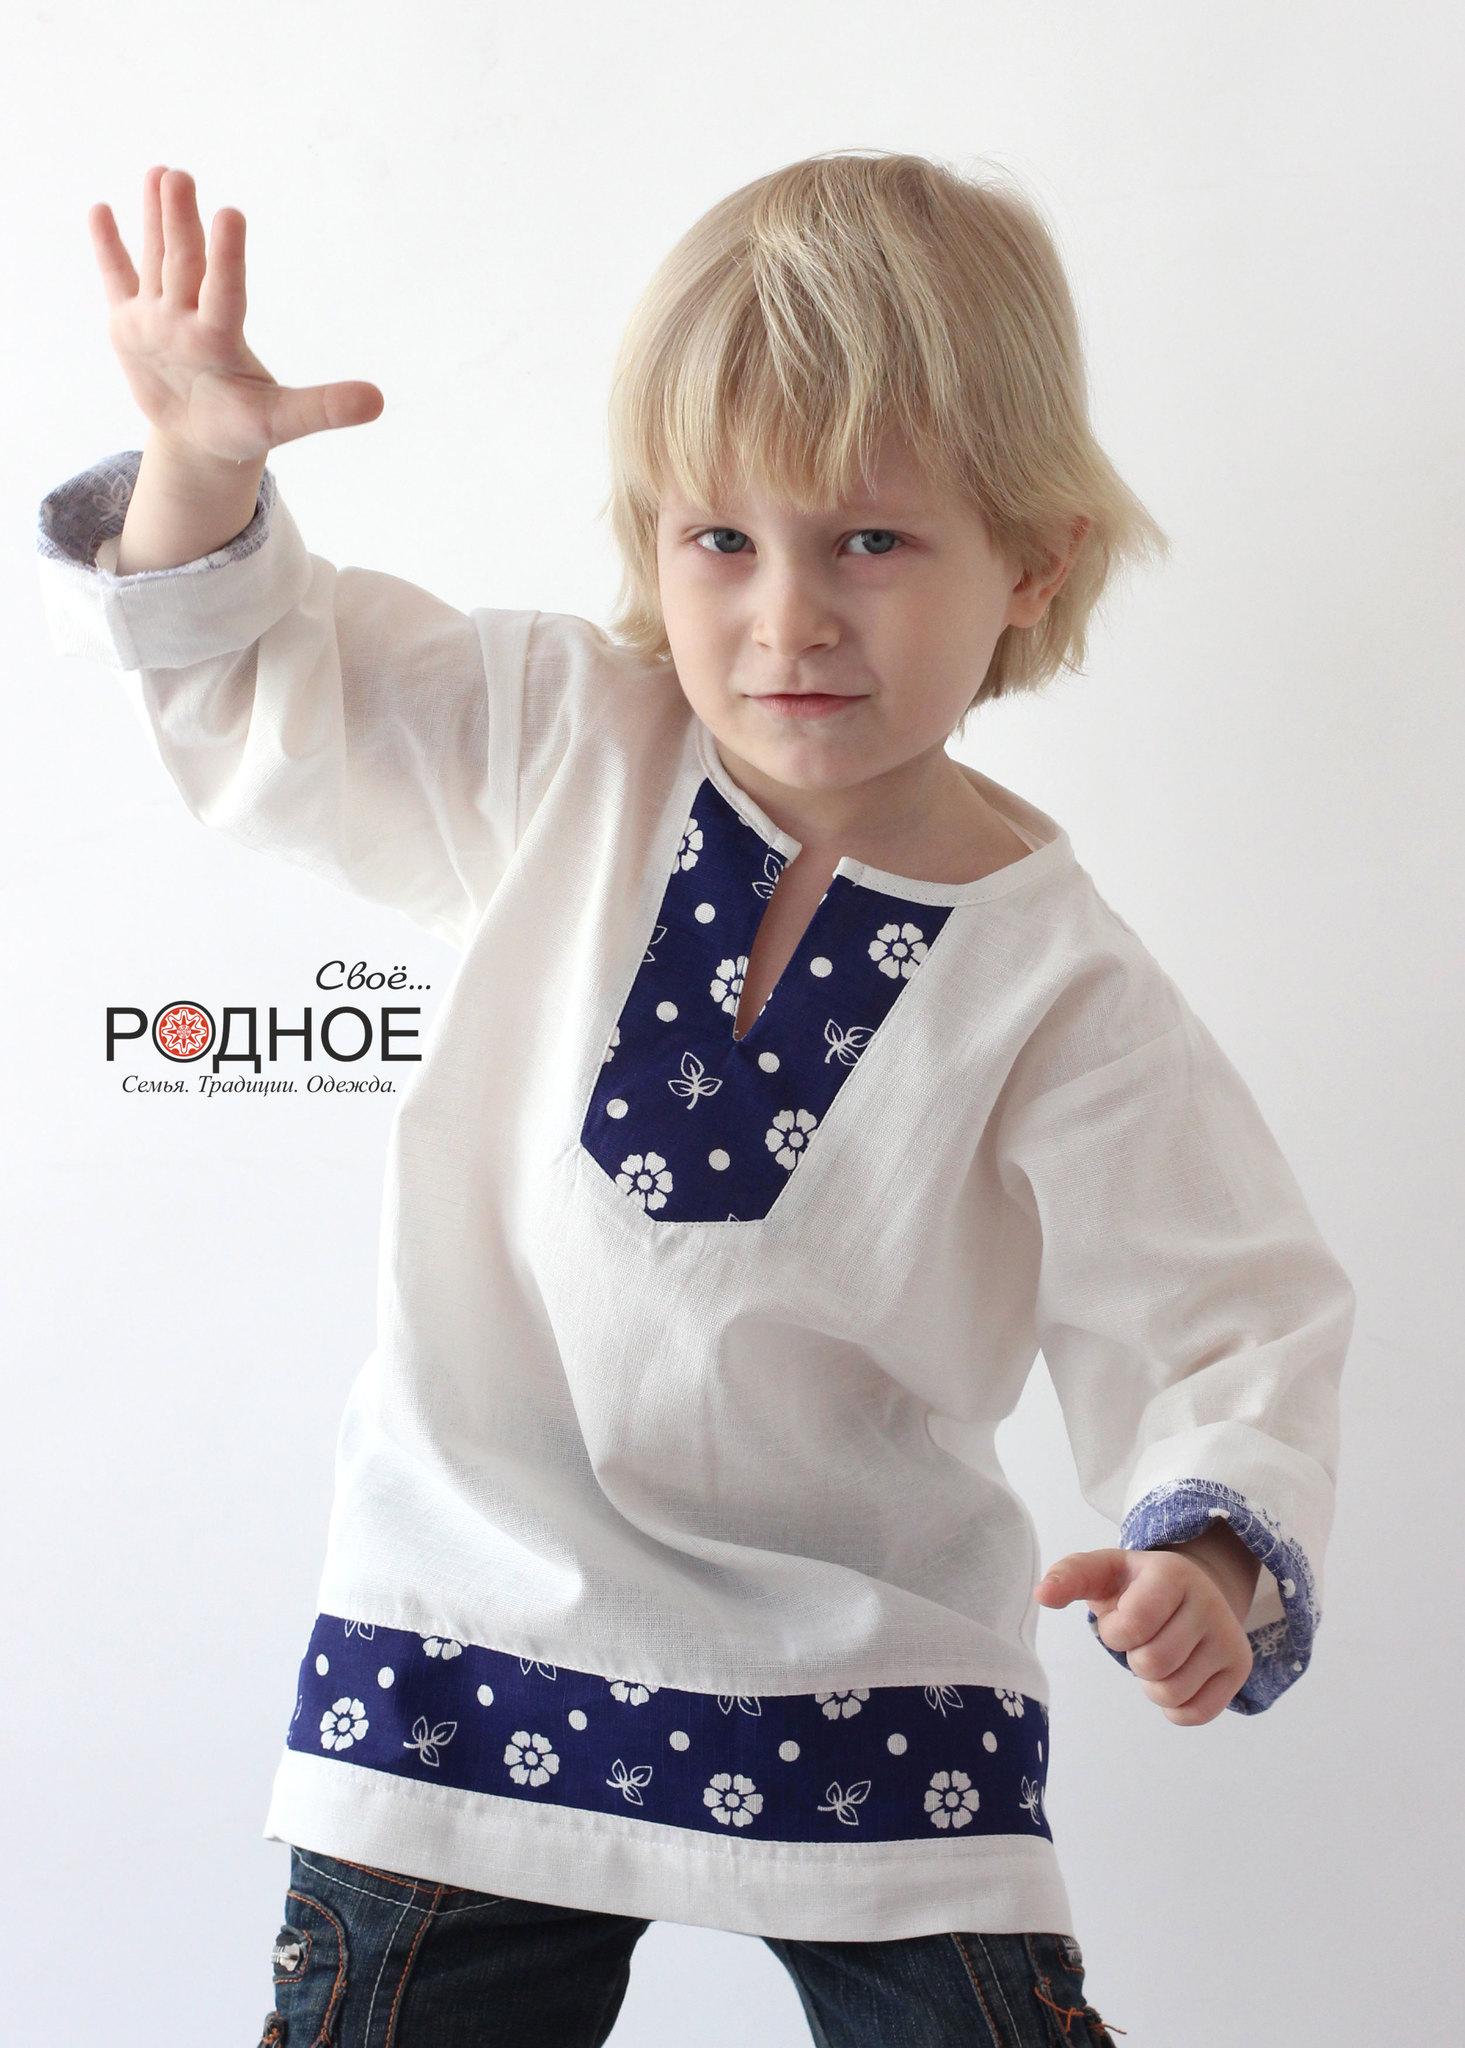 Рубаха на мальчика в русском стиле Утицы Свое... Родное для Иванка